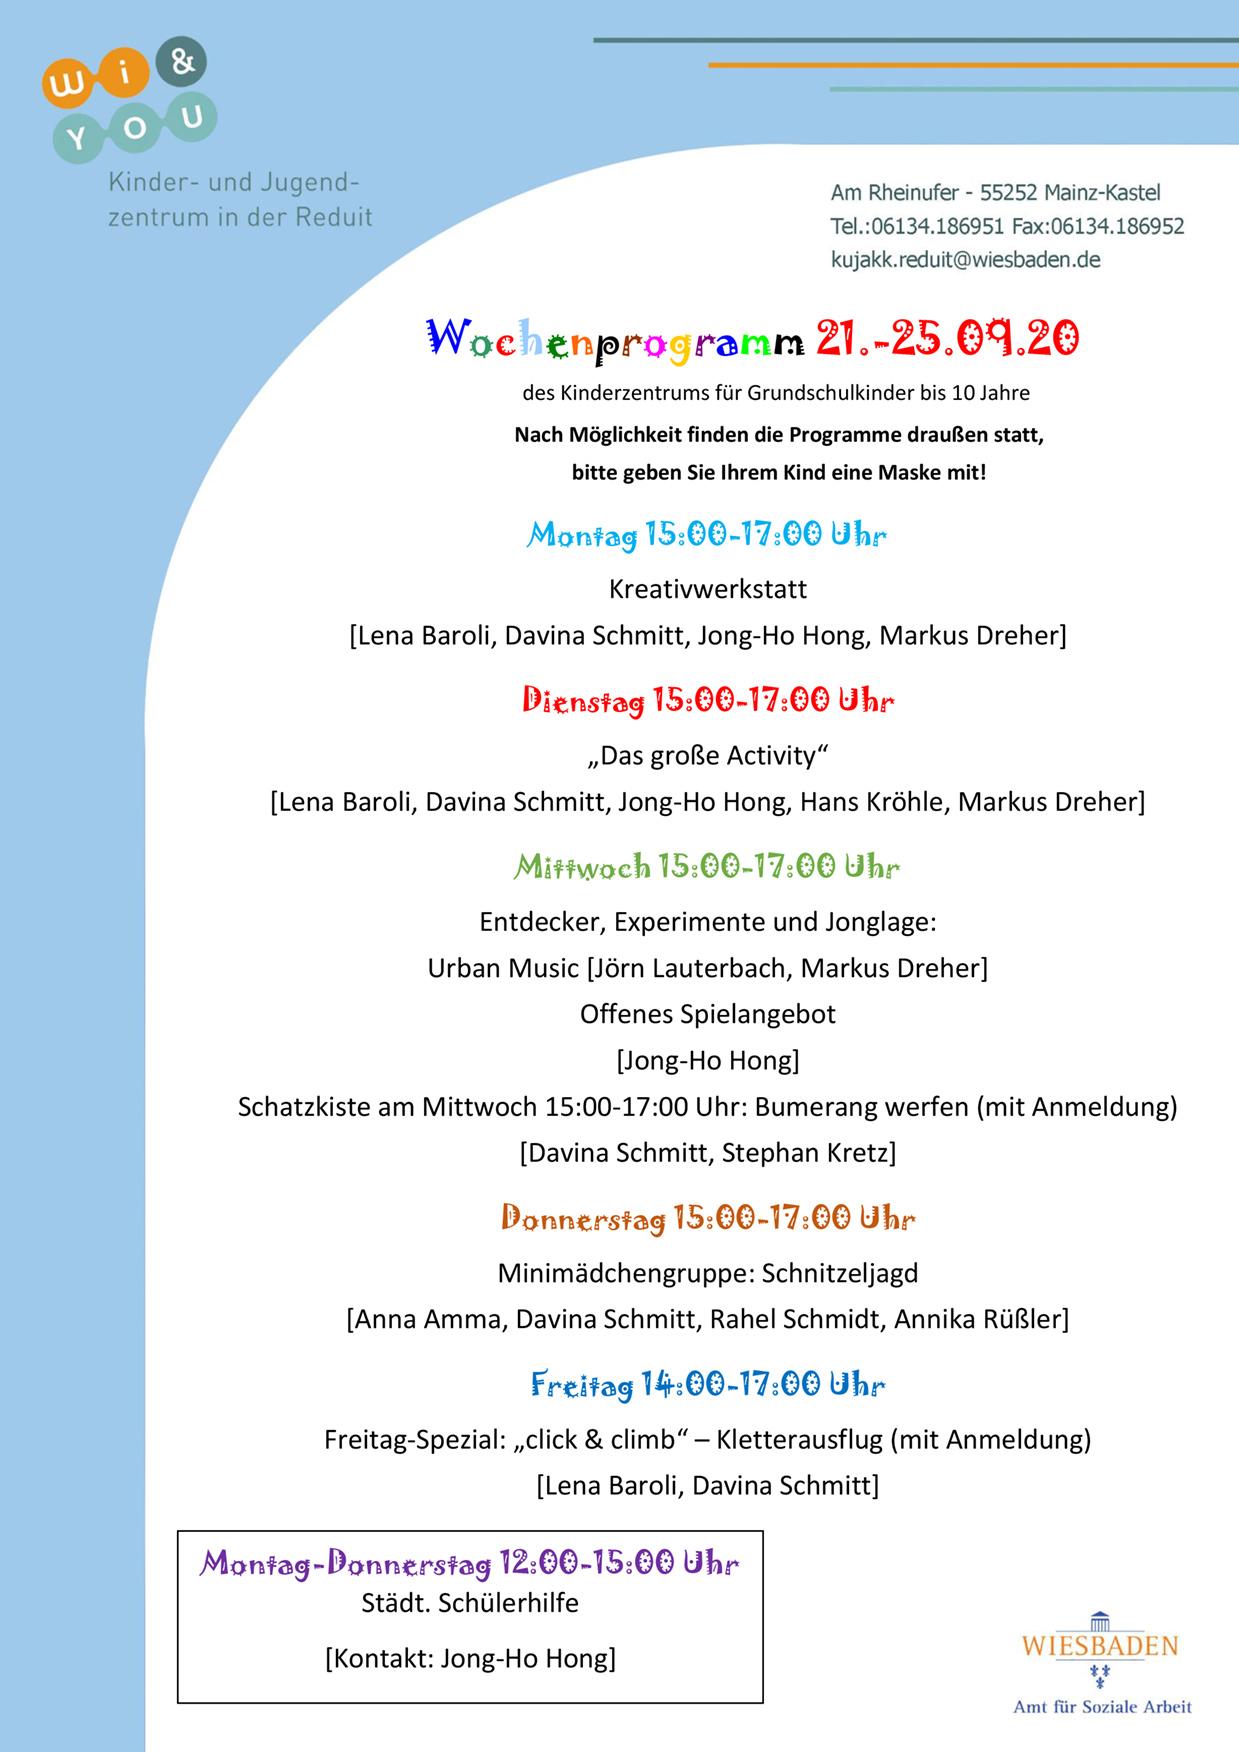 Wochenprogramm vom 21. bis 25. September 2020 des Kinderzentrums für Grundschulkinder bis 10 Jahre . kujakk . Kinder- und Jugendzentrum in der Reduit . Mainz-Kastel